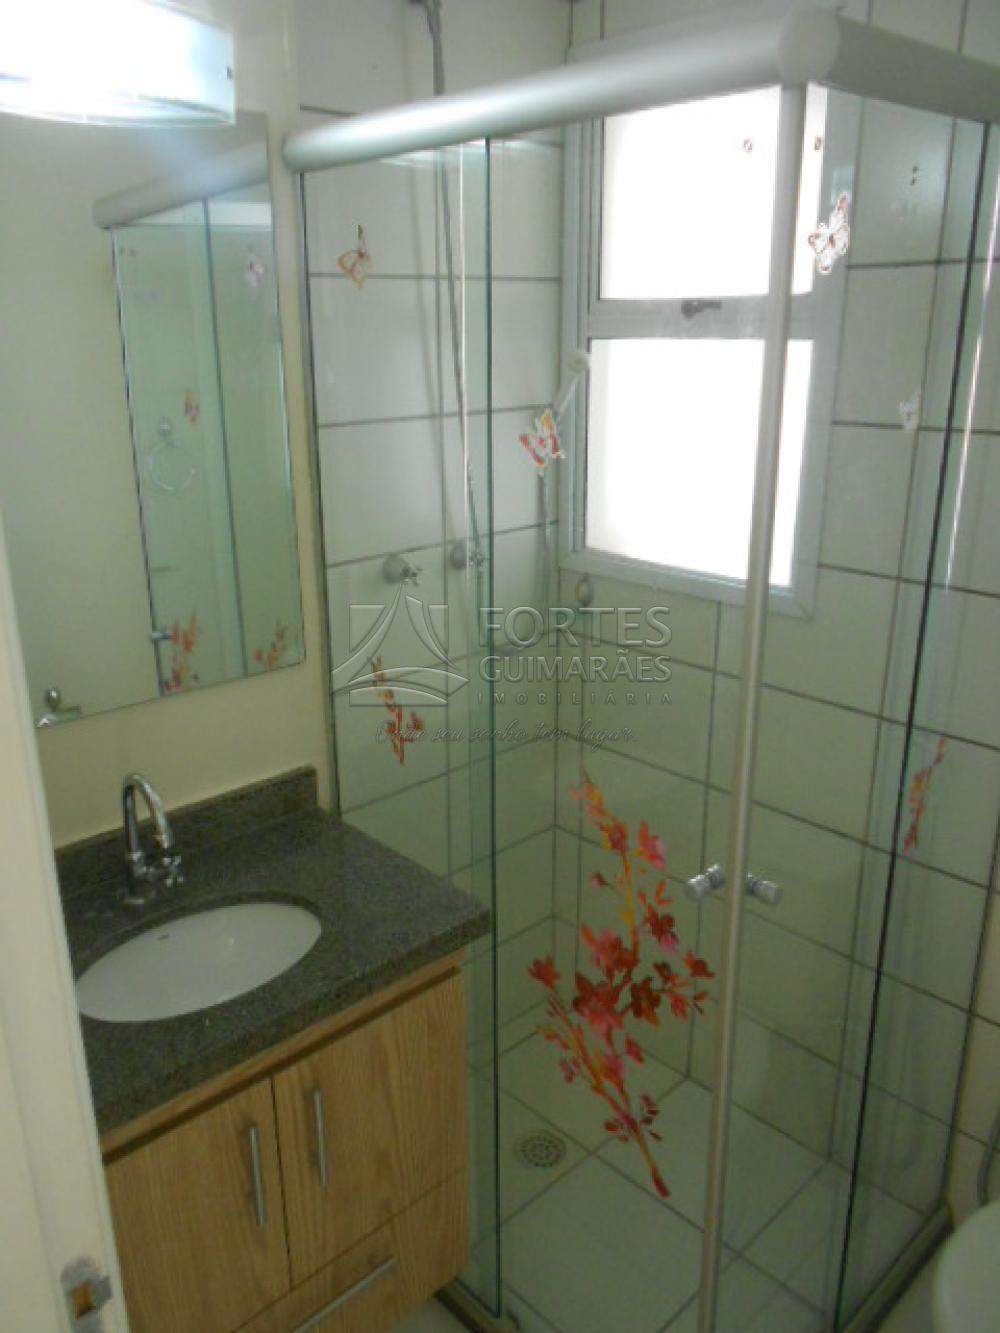 Alugar Apartamentos / Padrão em Ribeirão Preto apenas R$ 1.200,00 - Foto 25